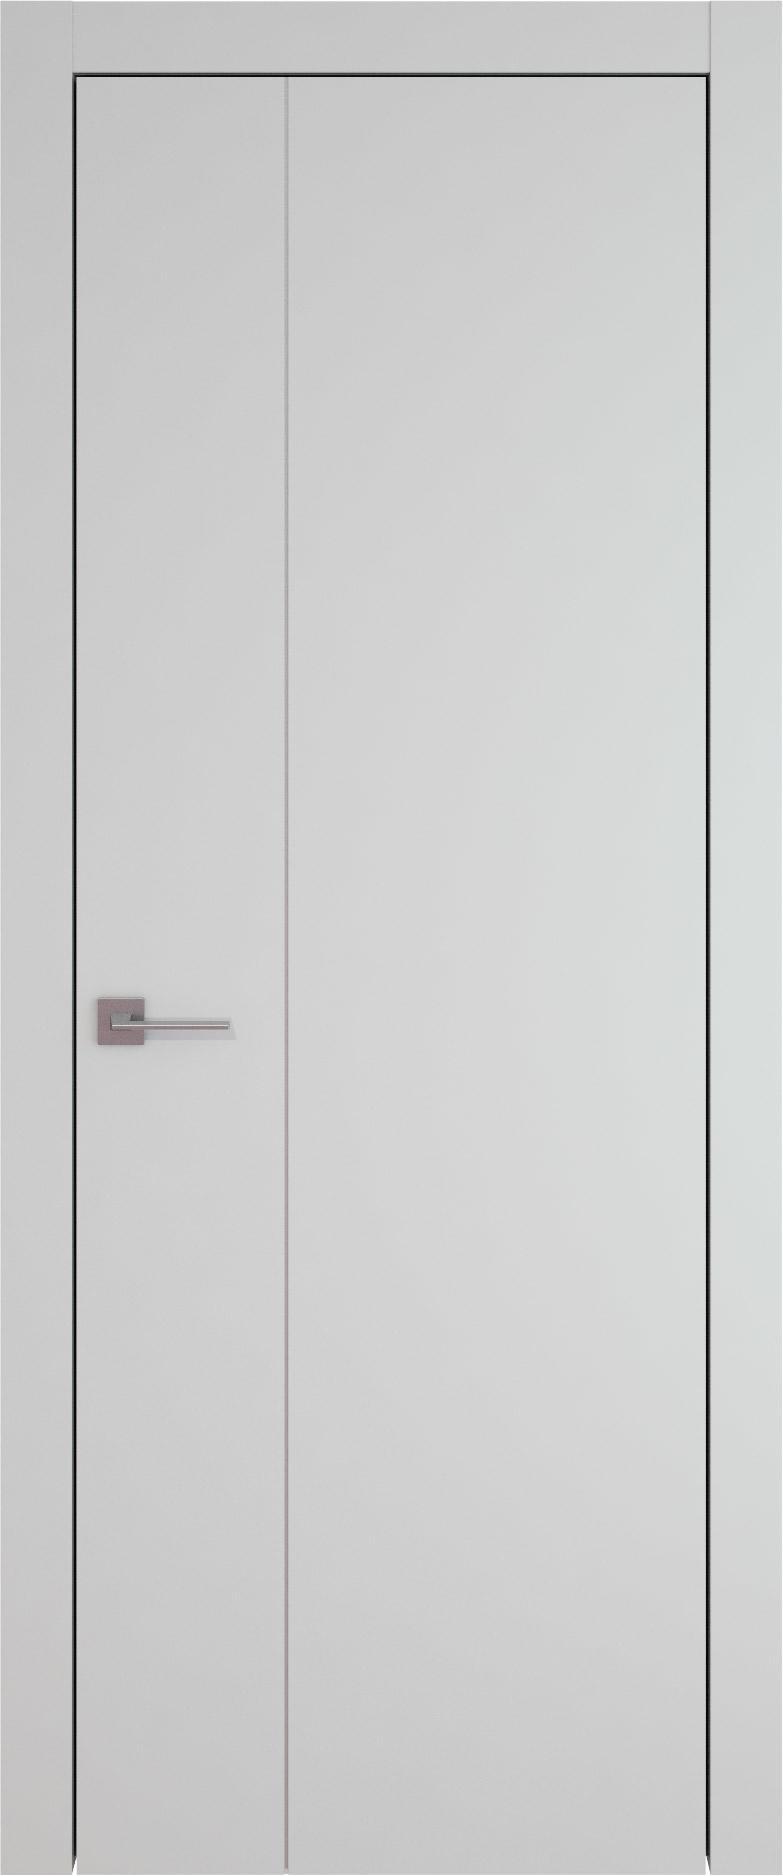 Tivoli В-1 цвет - Серая эмаль (RAL 7047) Без стекла (ДГ)